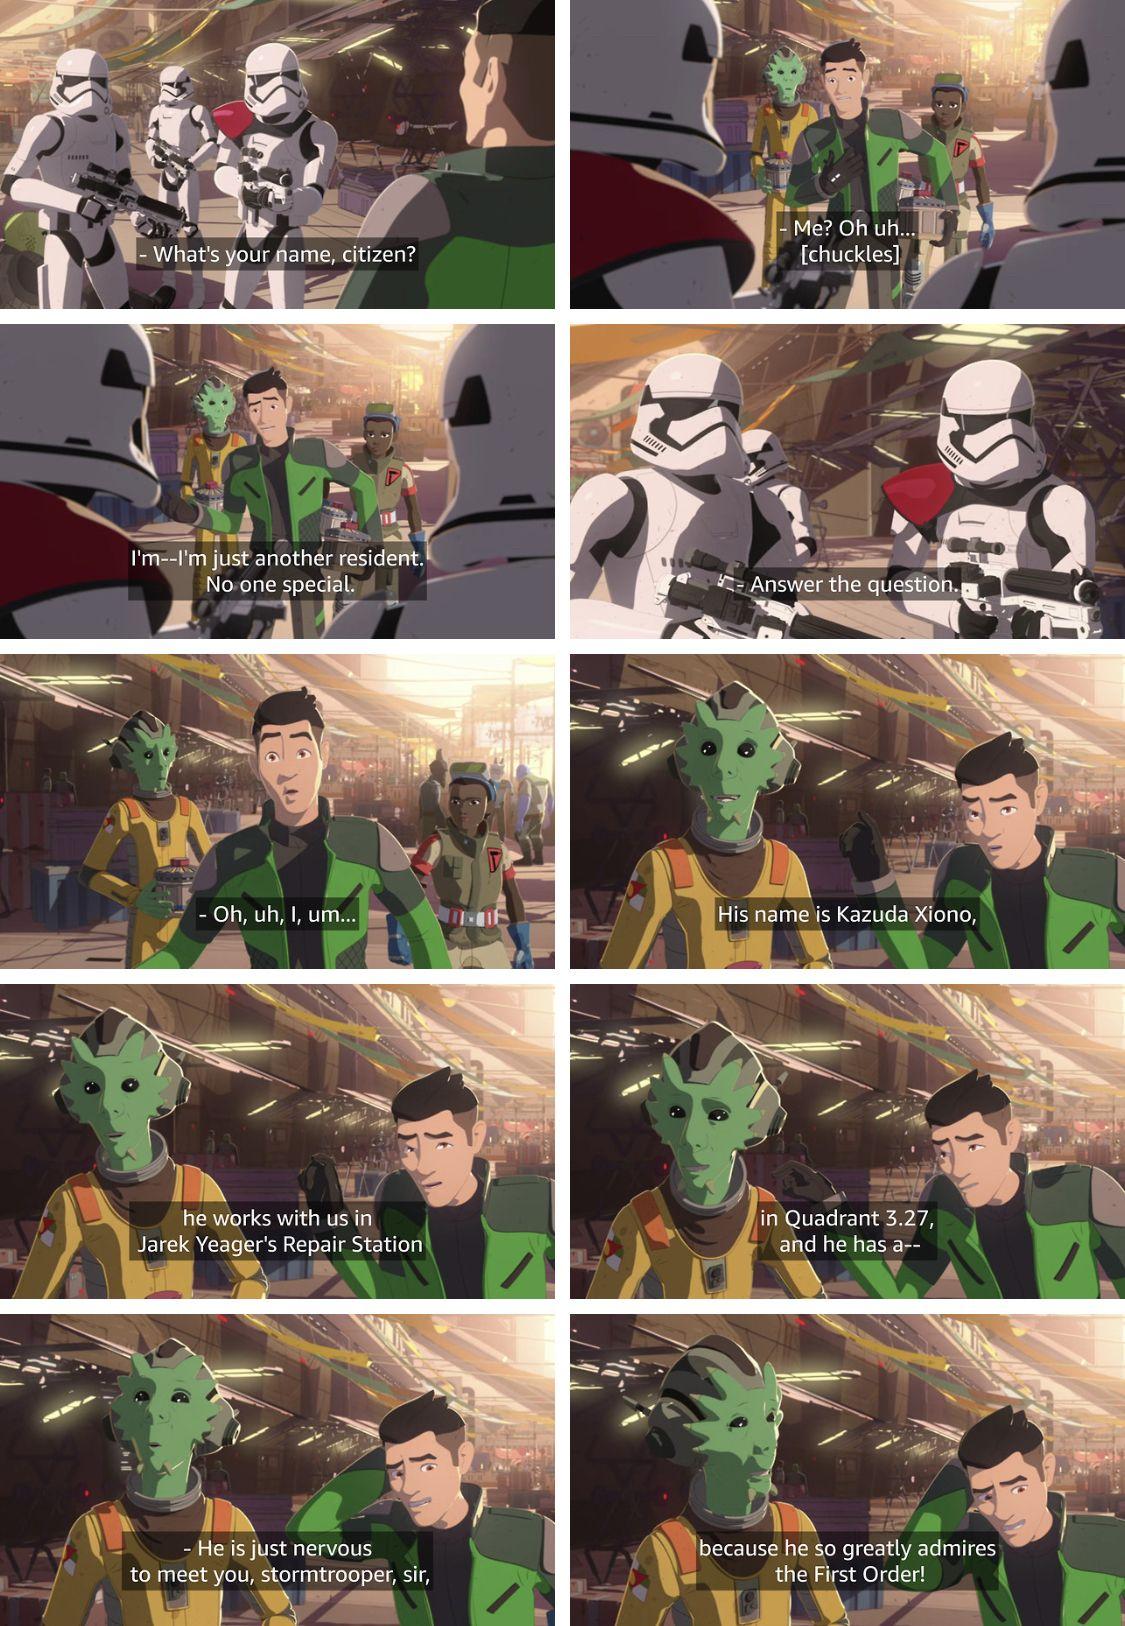 Neeku Is So Great He S One Of The Best Guys In Star Wars Resistance Neeku Star Wars Humor Star Wars Fans Star Wars Memes